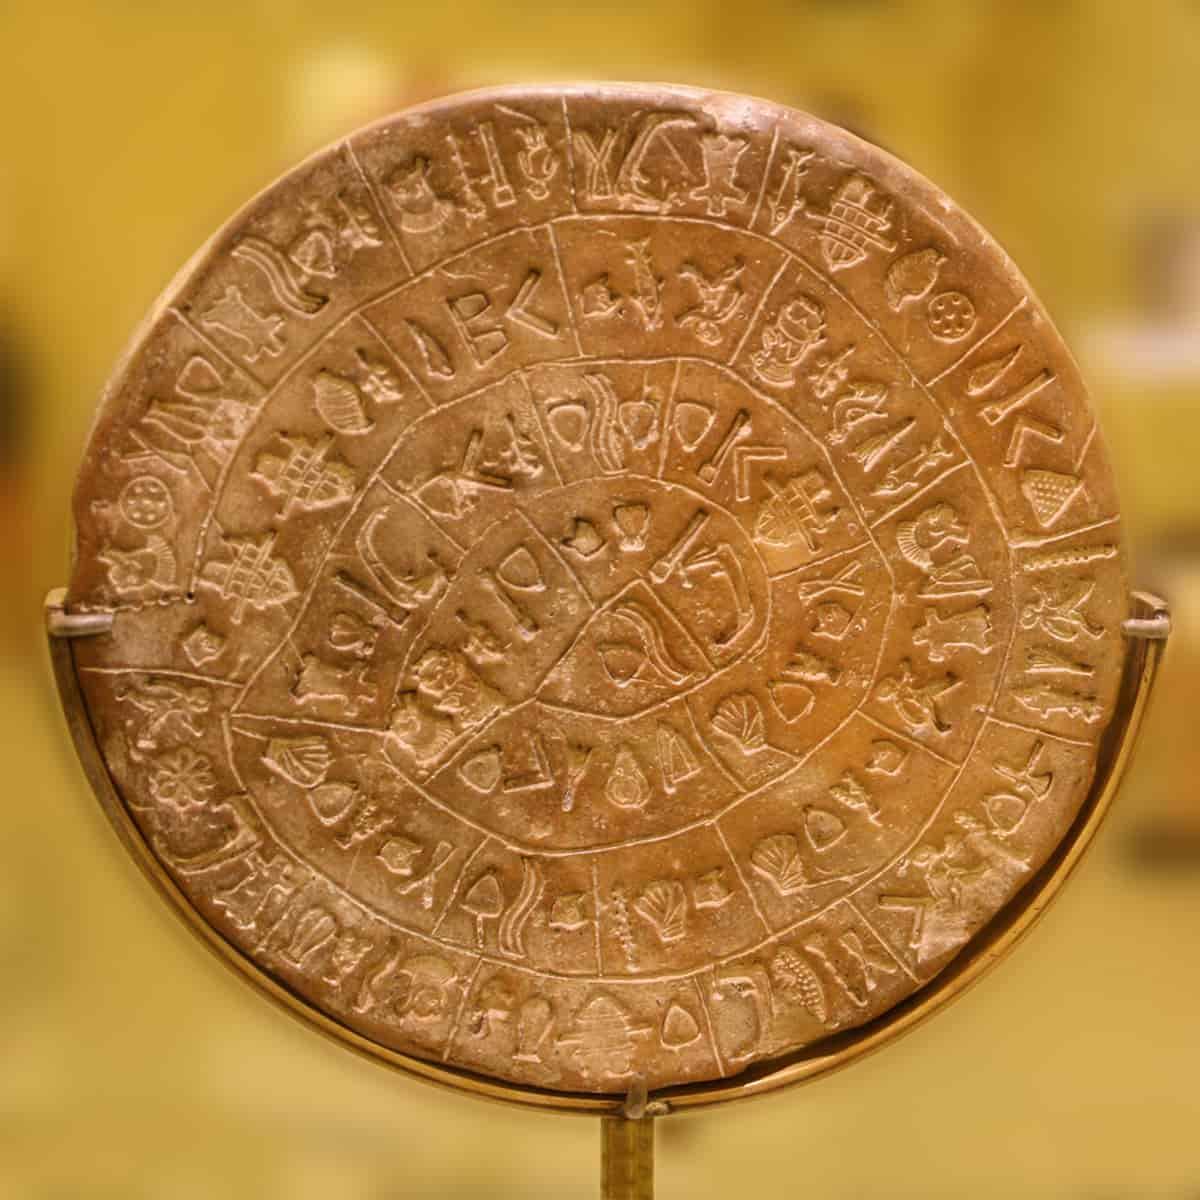 Ο Δίσκος της Φαιστού Είναι ένας Σύμπακτο Μήνυμα από τον Σείριο;